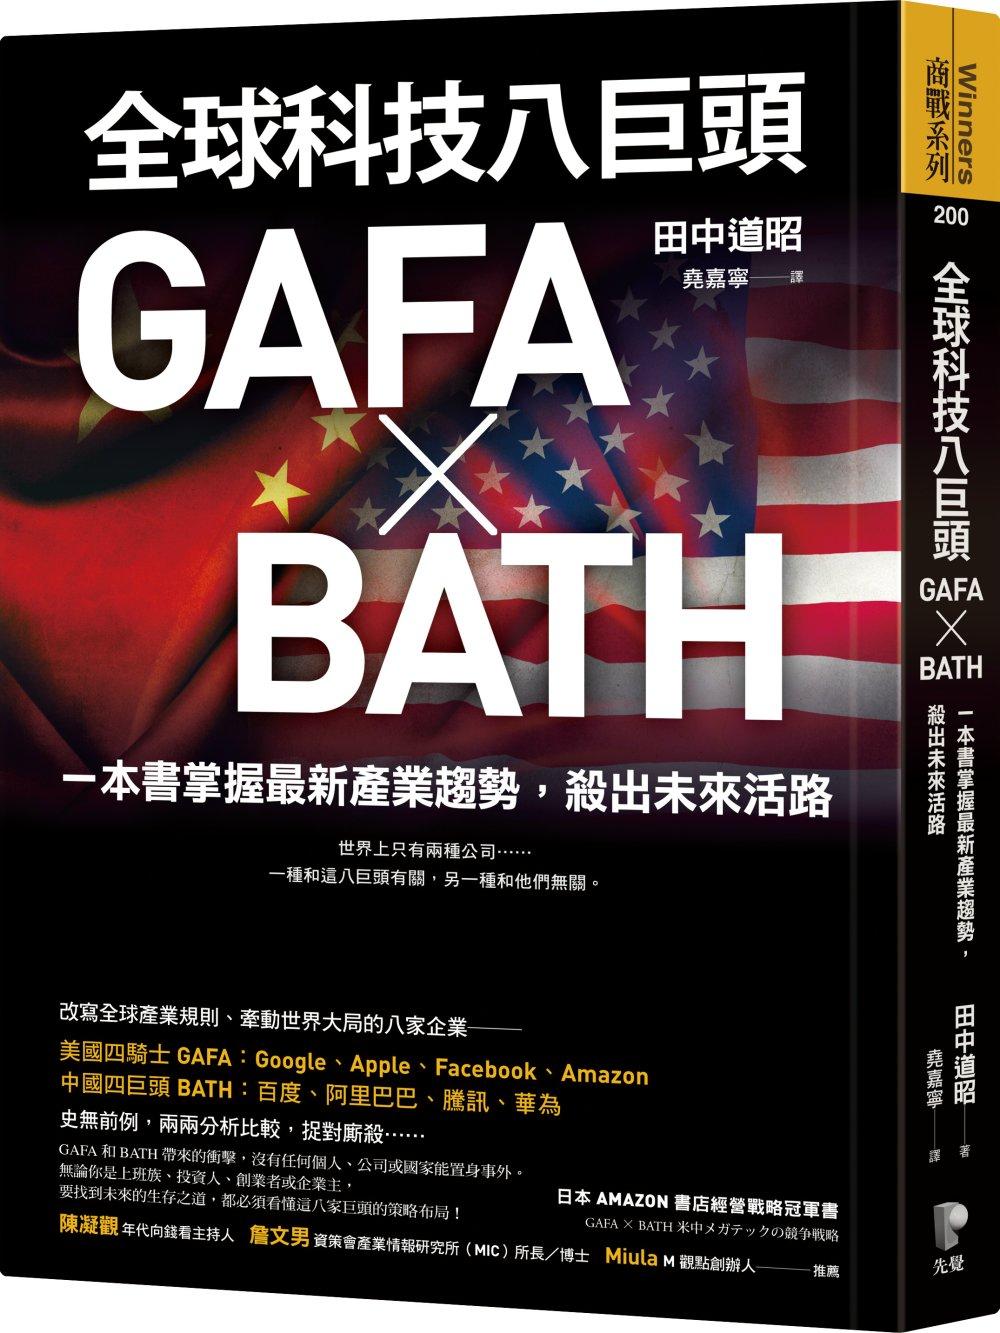 全球科技八巨頭GAFA ╳ BATH:一本書掌握最新產業趨勢,殺出未來活路